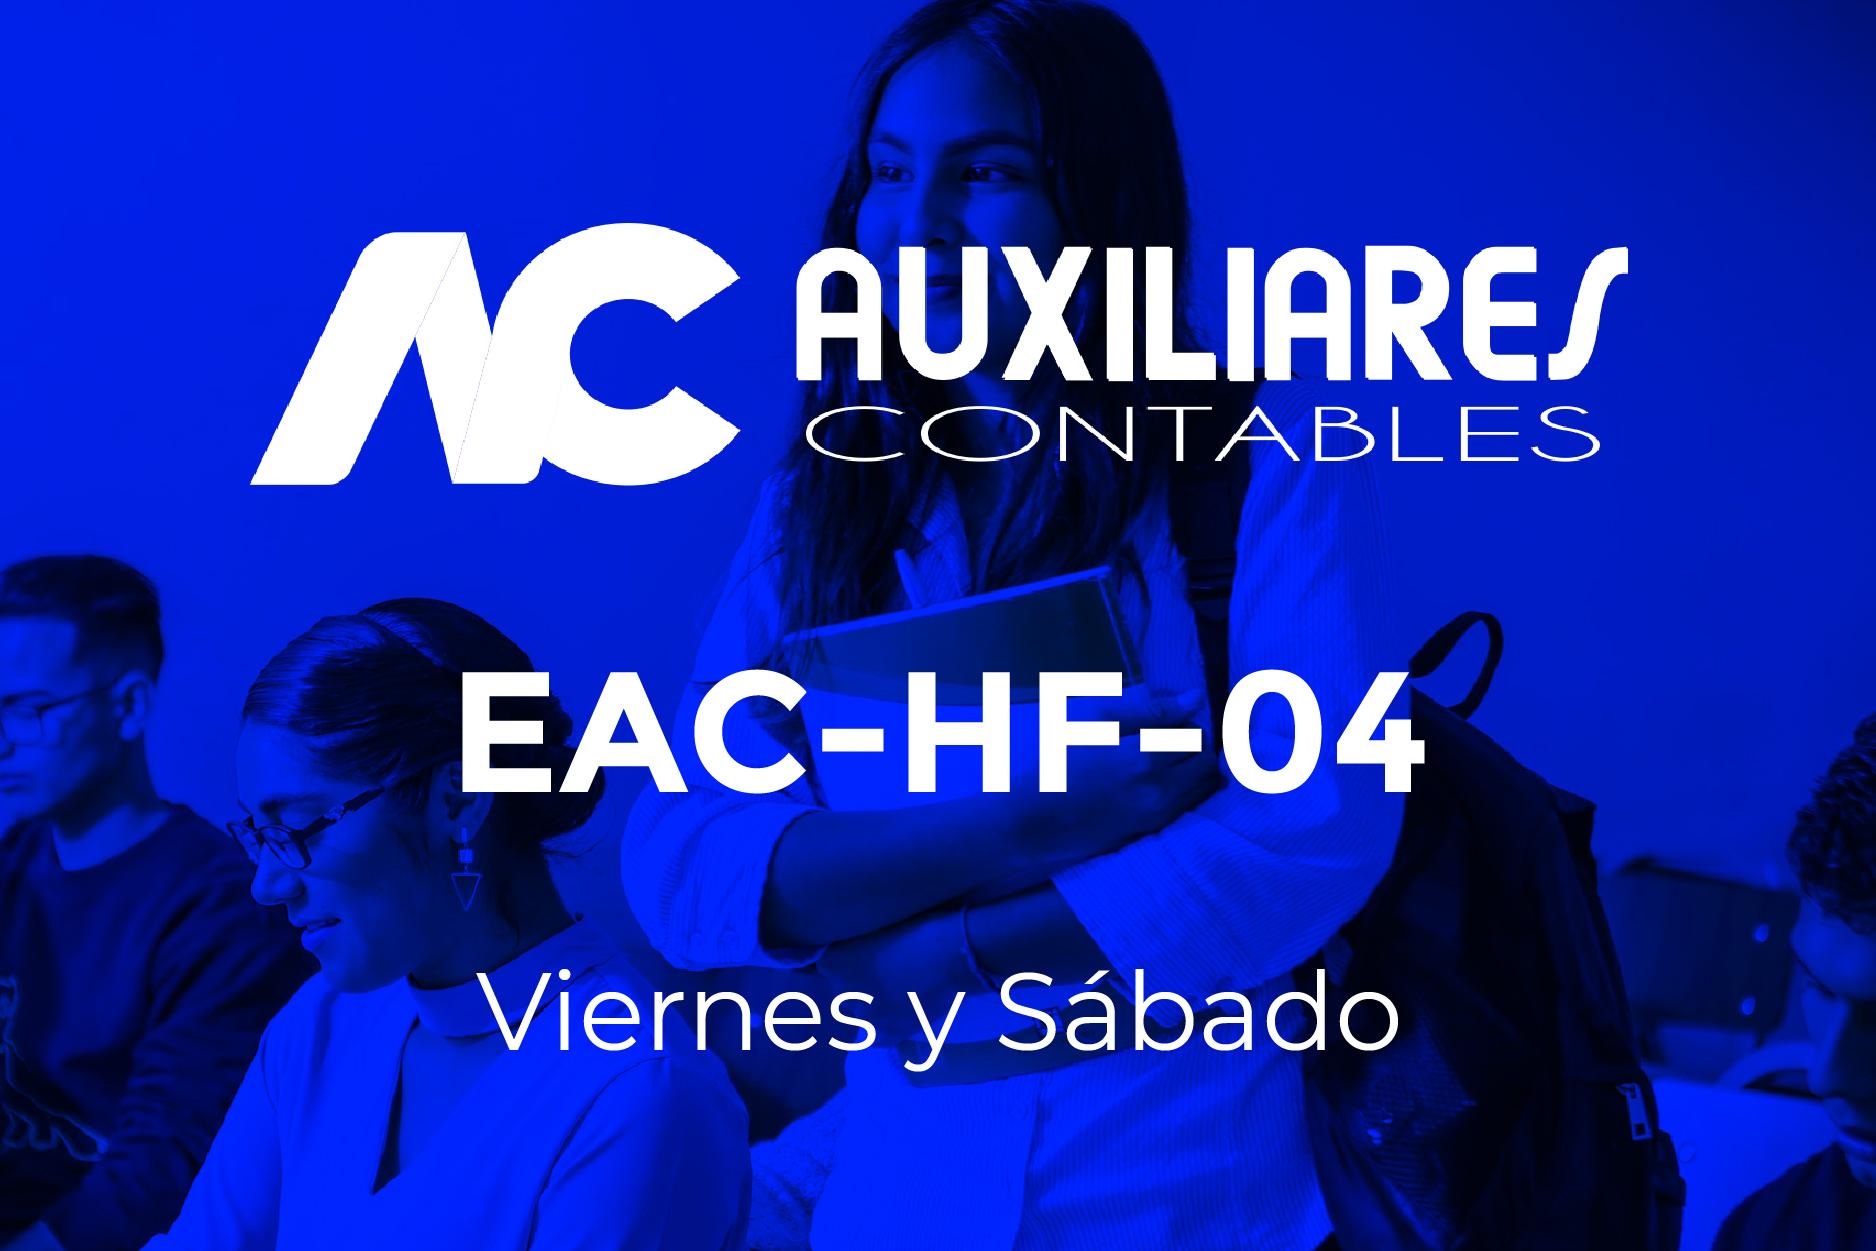 4 - AUXILIARES CONTABLES - VIERNES Y SÁBADO